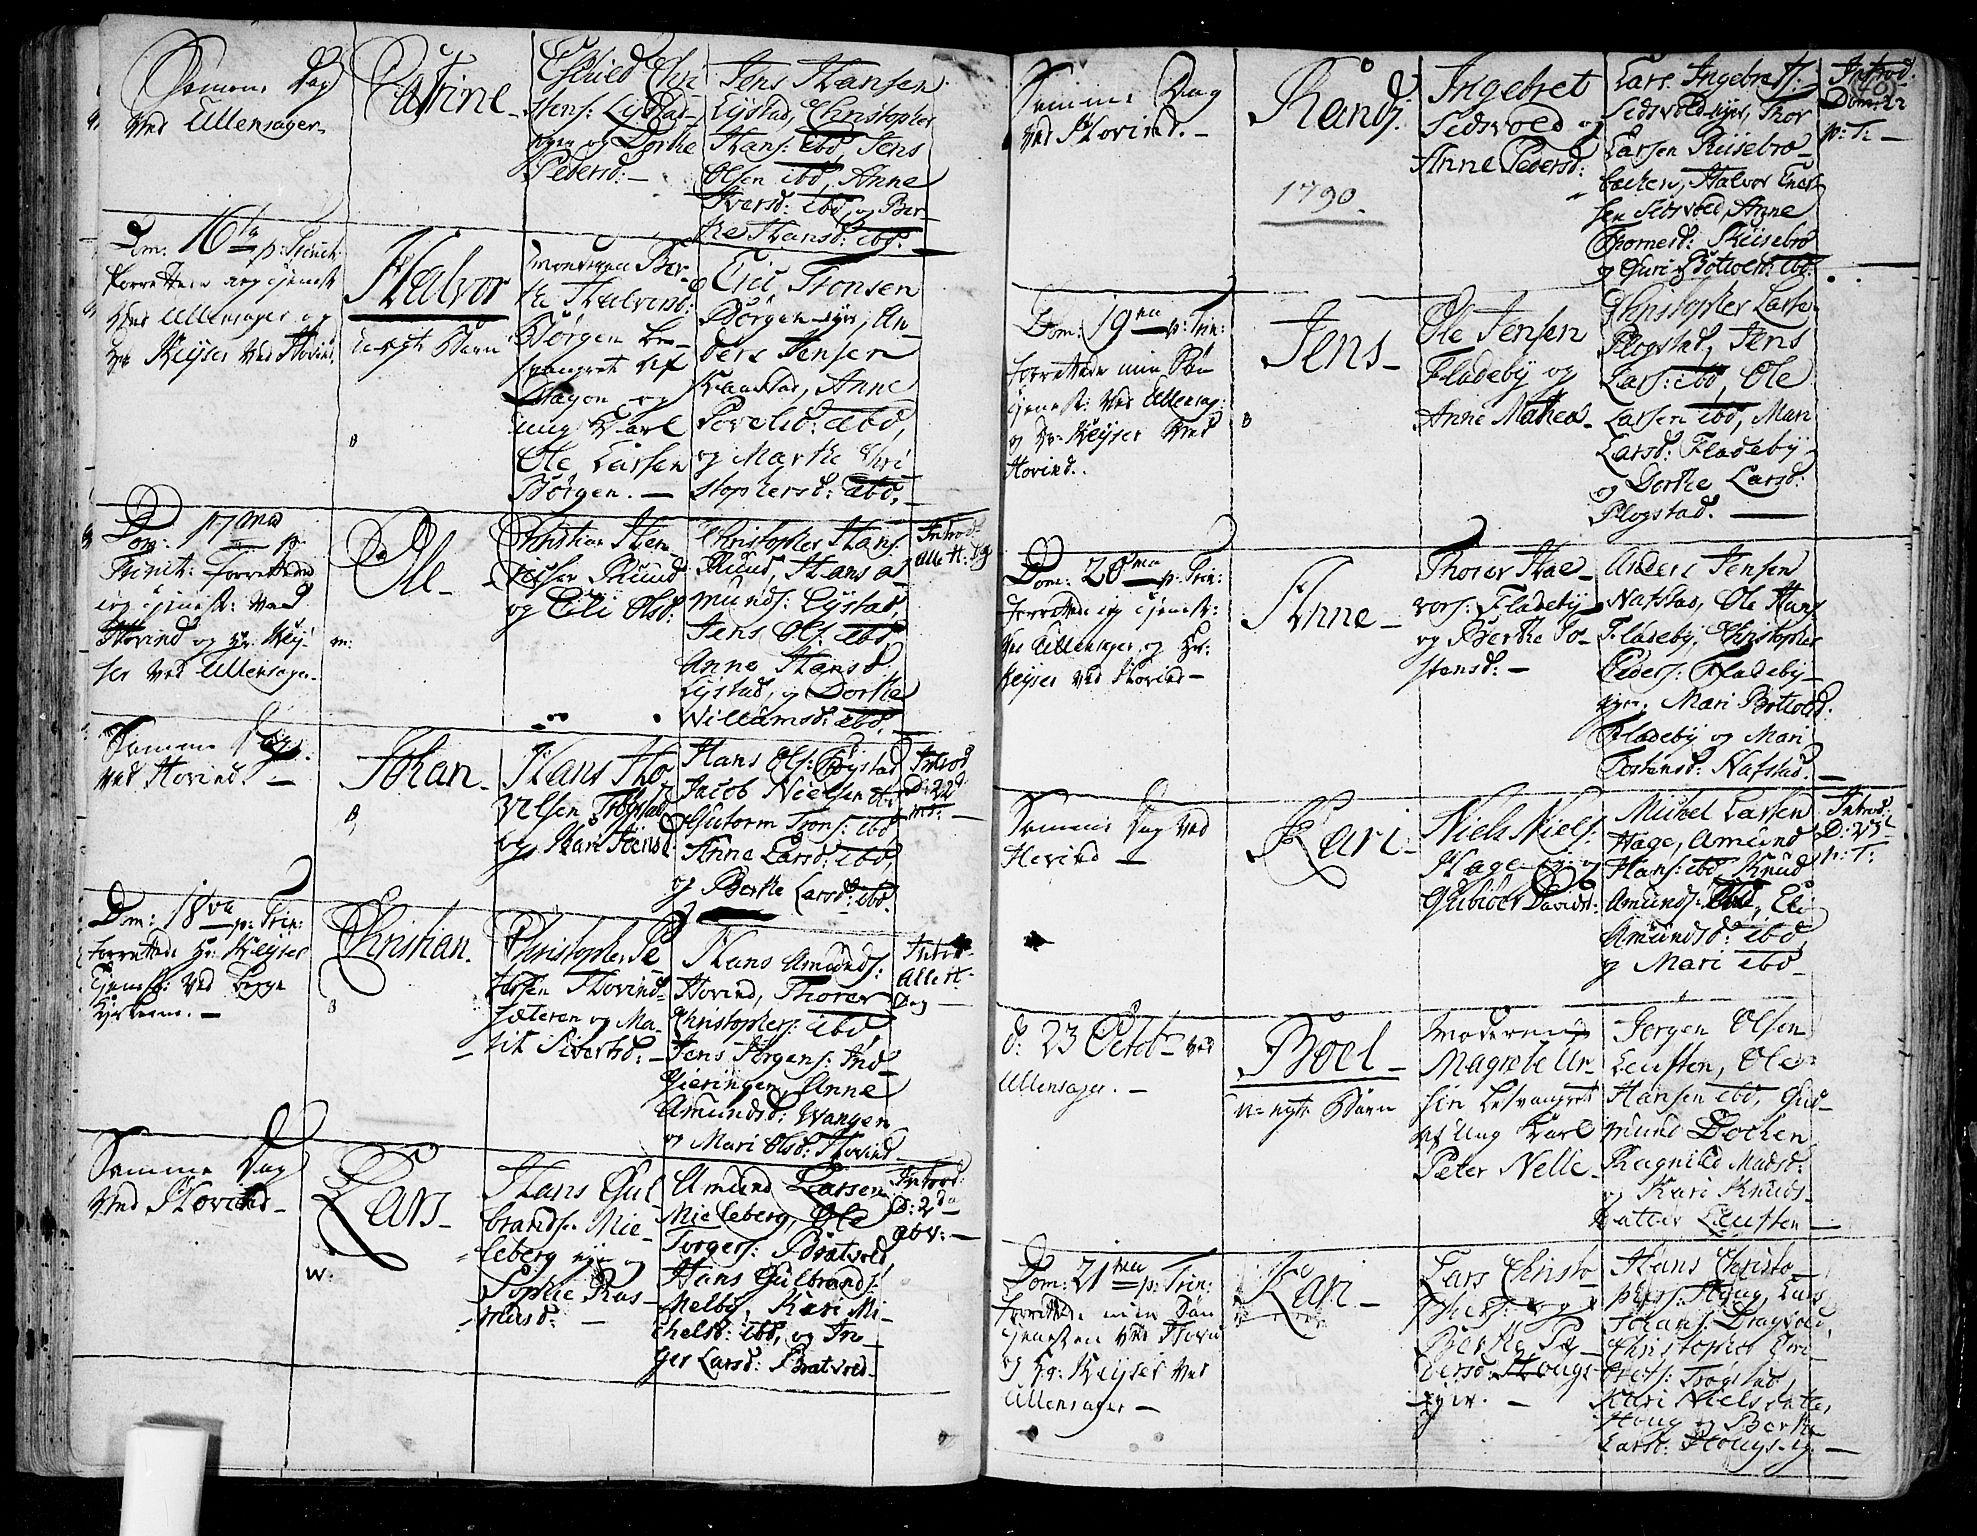 SAO, Ullensaker prestekontor Kirkebøker, F/Fa/L0007: Ministerialbok nr. I 7, 1786-1815, s. 40